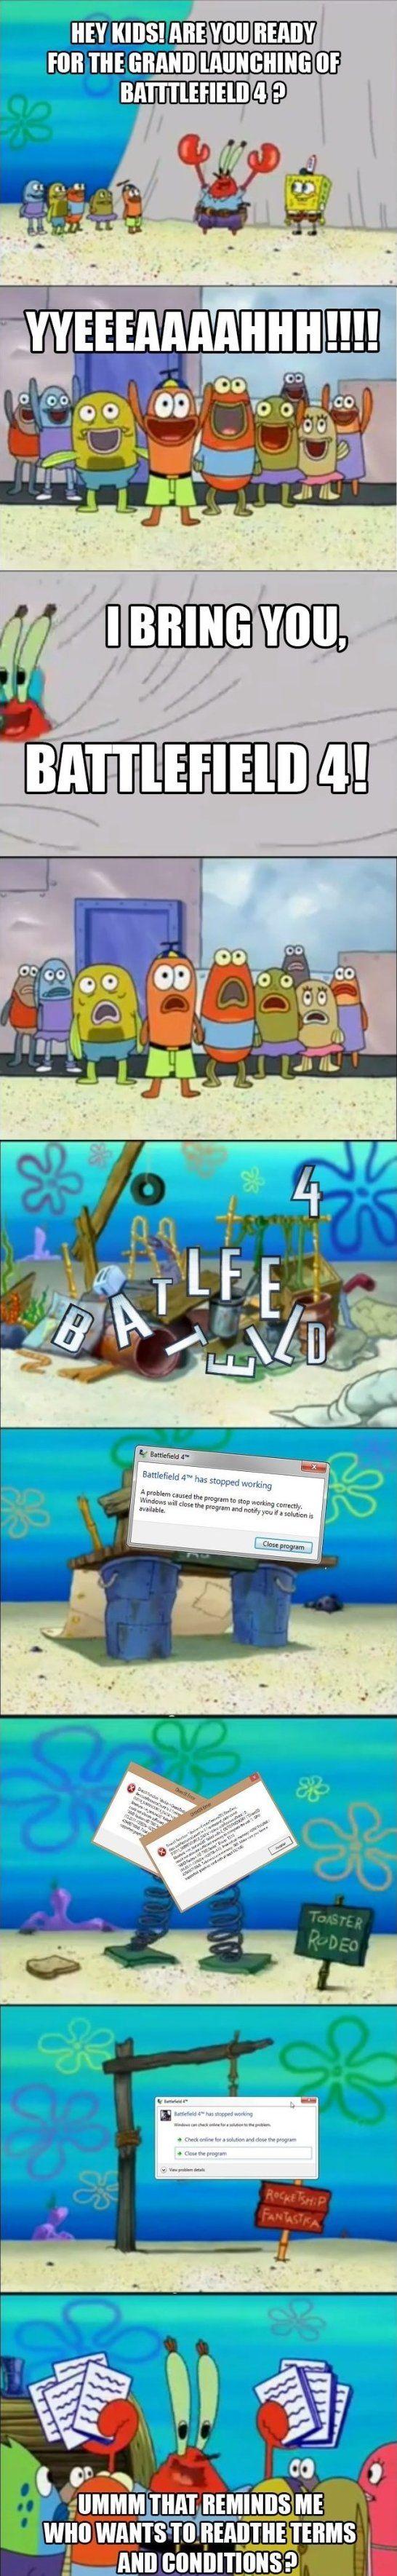 Funny battlefield 4 meme - http://www.jokideo.com/